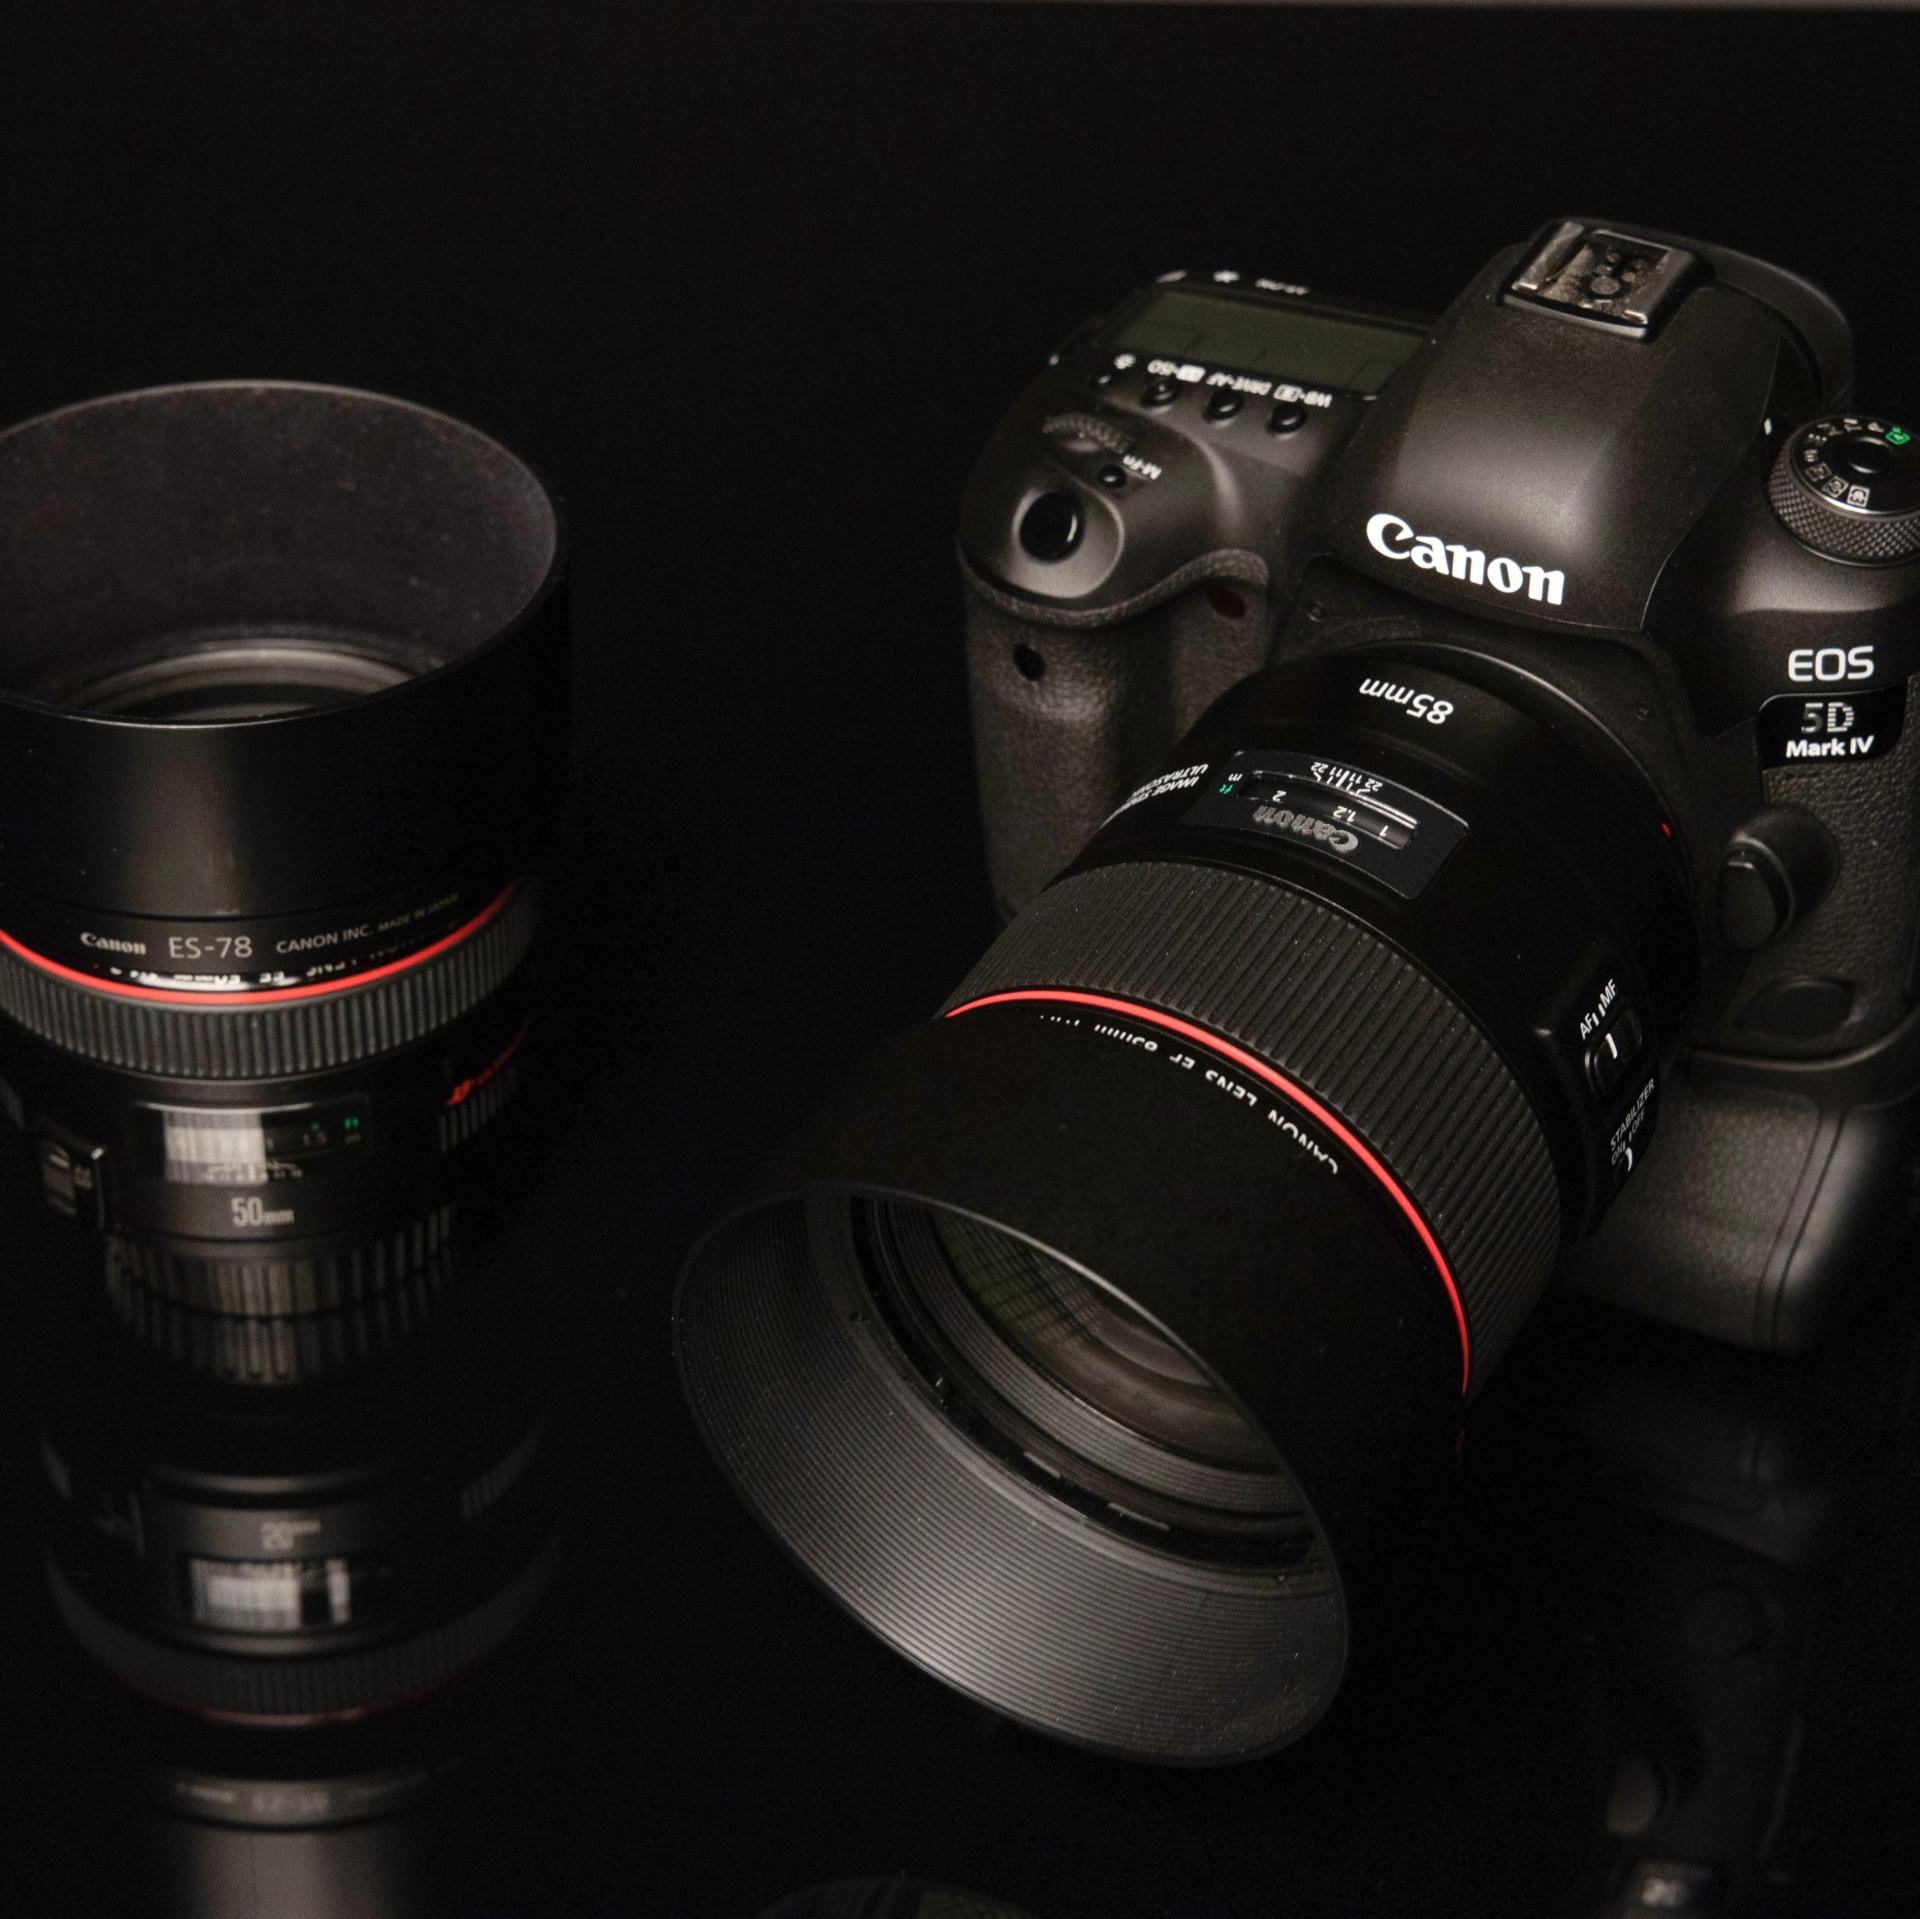 Festbrennweite, Objektiv, EF 85mm, Portrait, Shooting